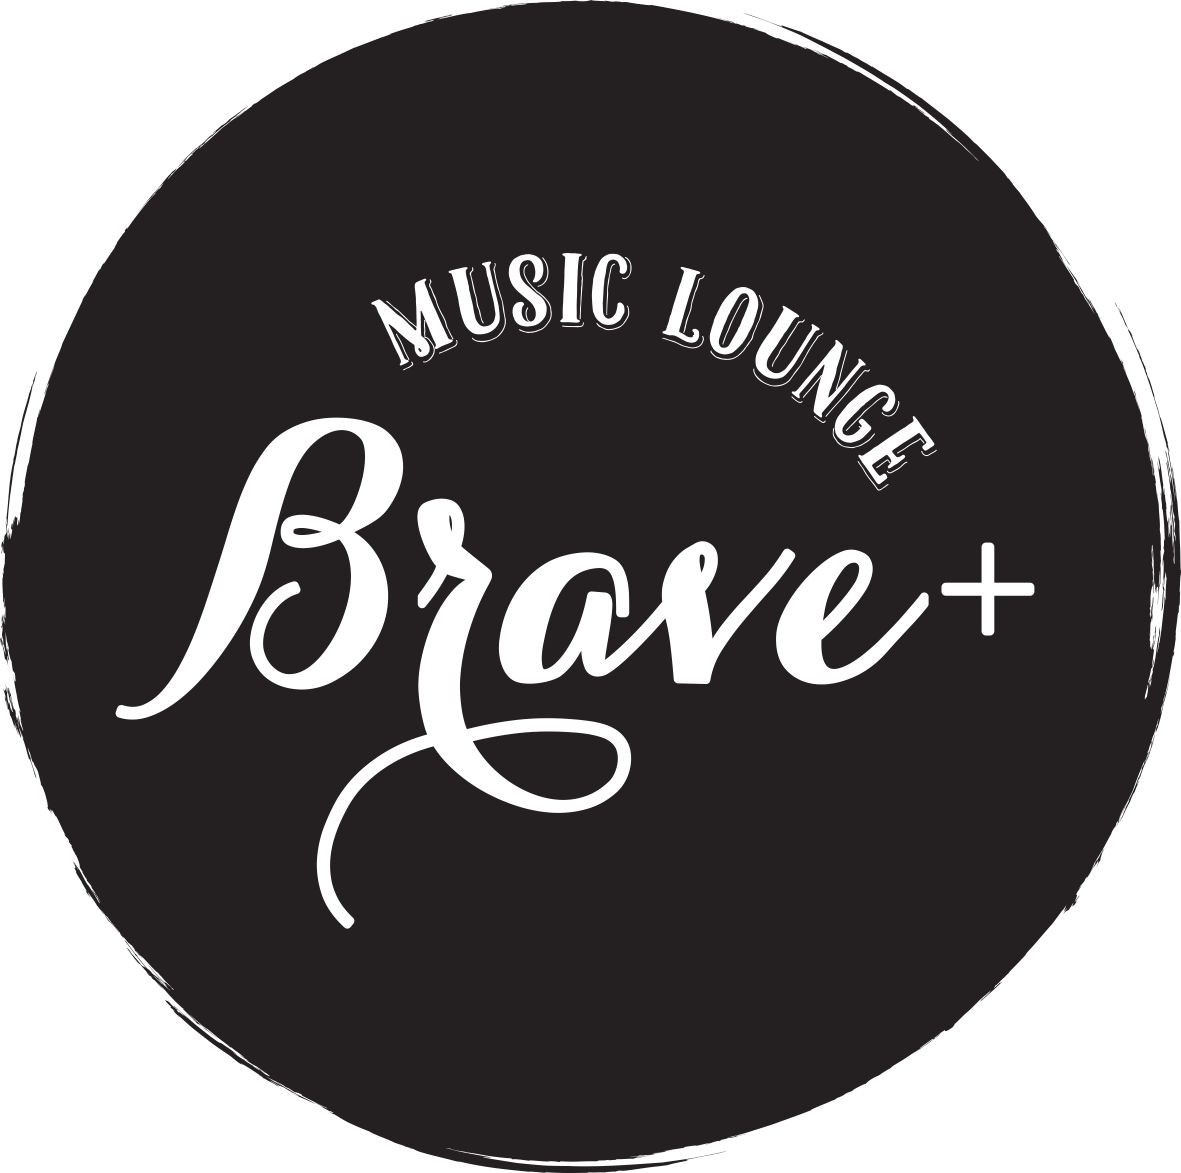 MUSIC LOUNGE BRAVE+のカッコイイロゴ